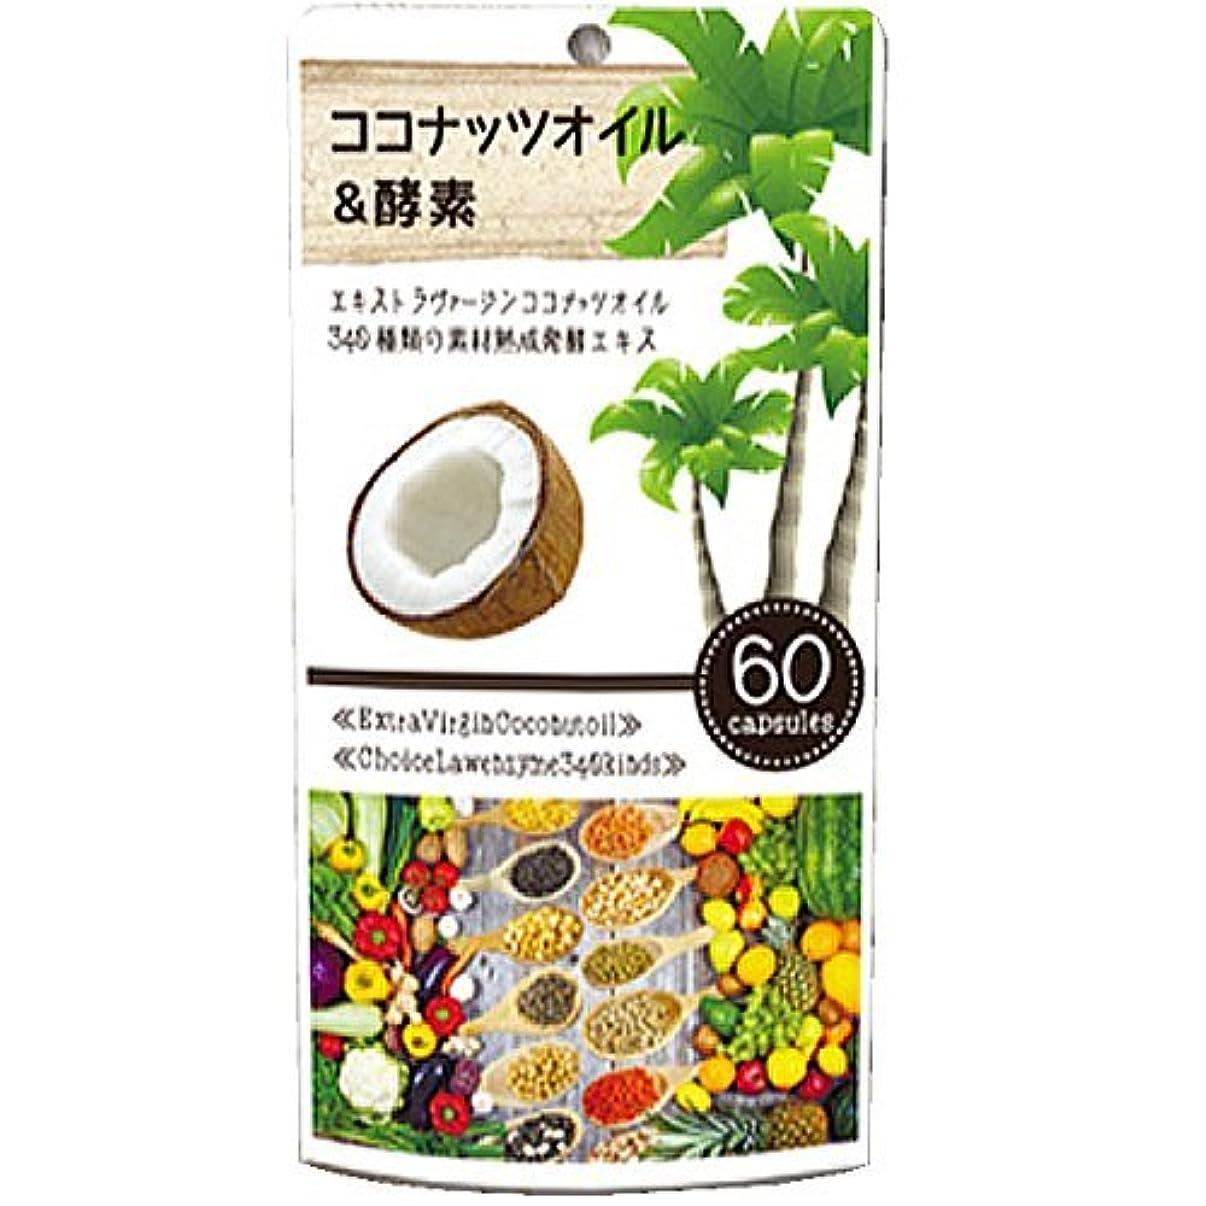 駐地炭水化物野菜ココナッツオイル&酵素 60粒